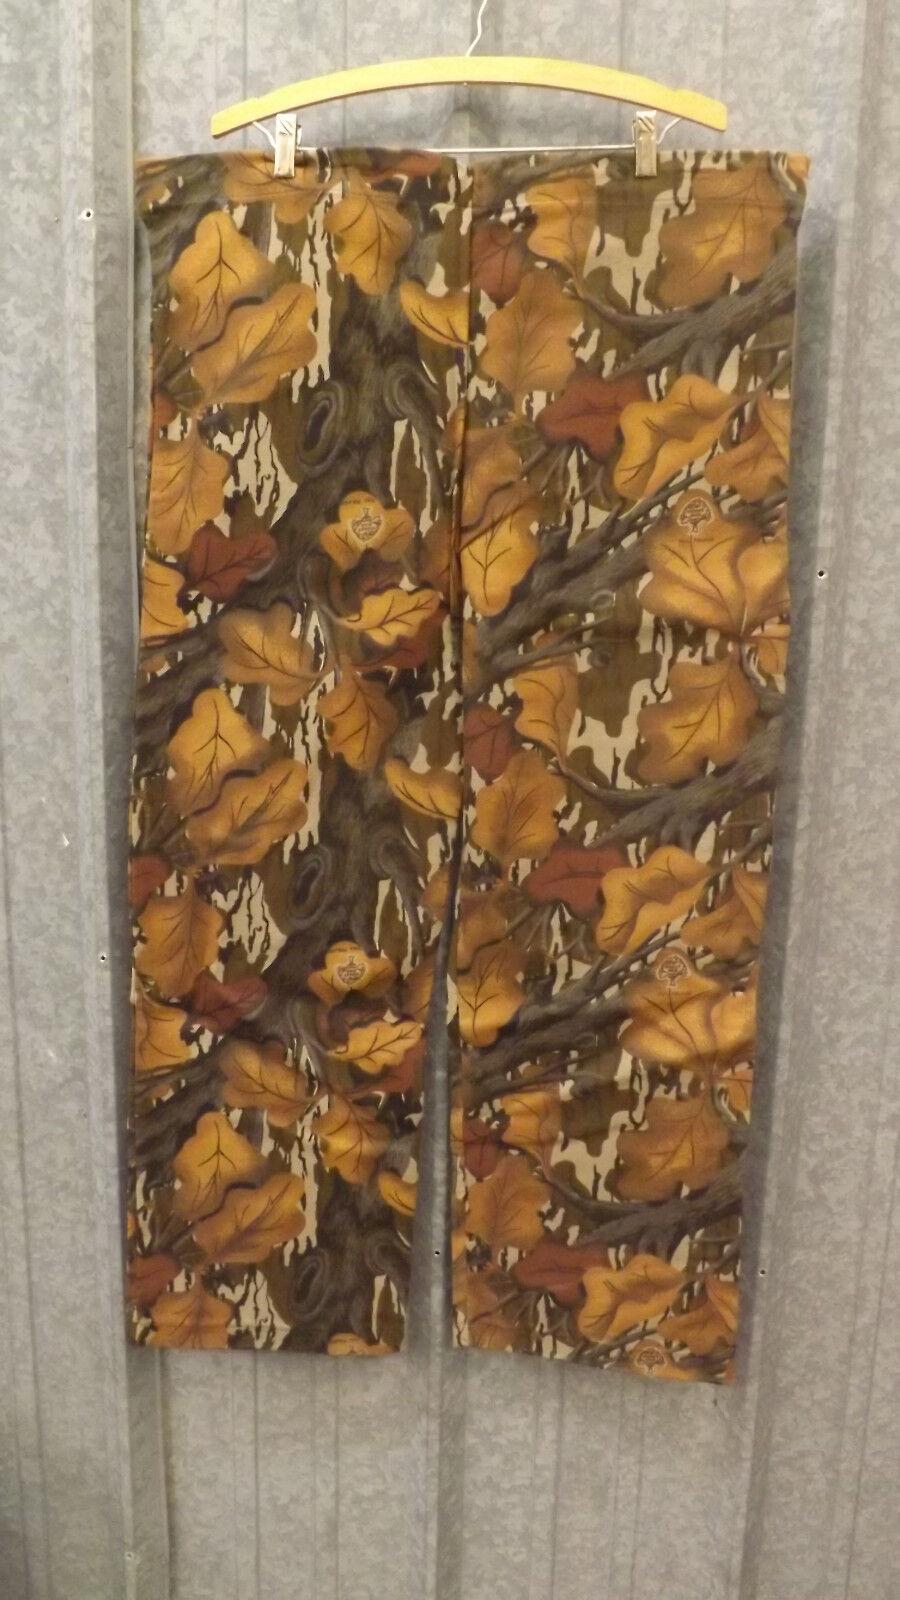 De Colección Nuevo blancowater Outdoors Mossy Oak Otoño Follaje Pantalones Cintura con Cordón Talle M